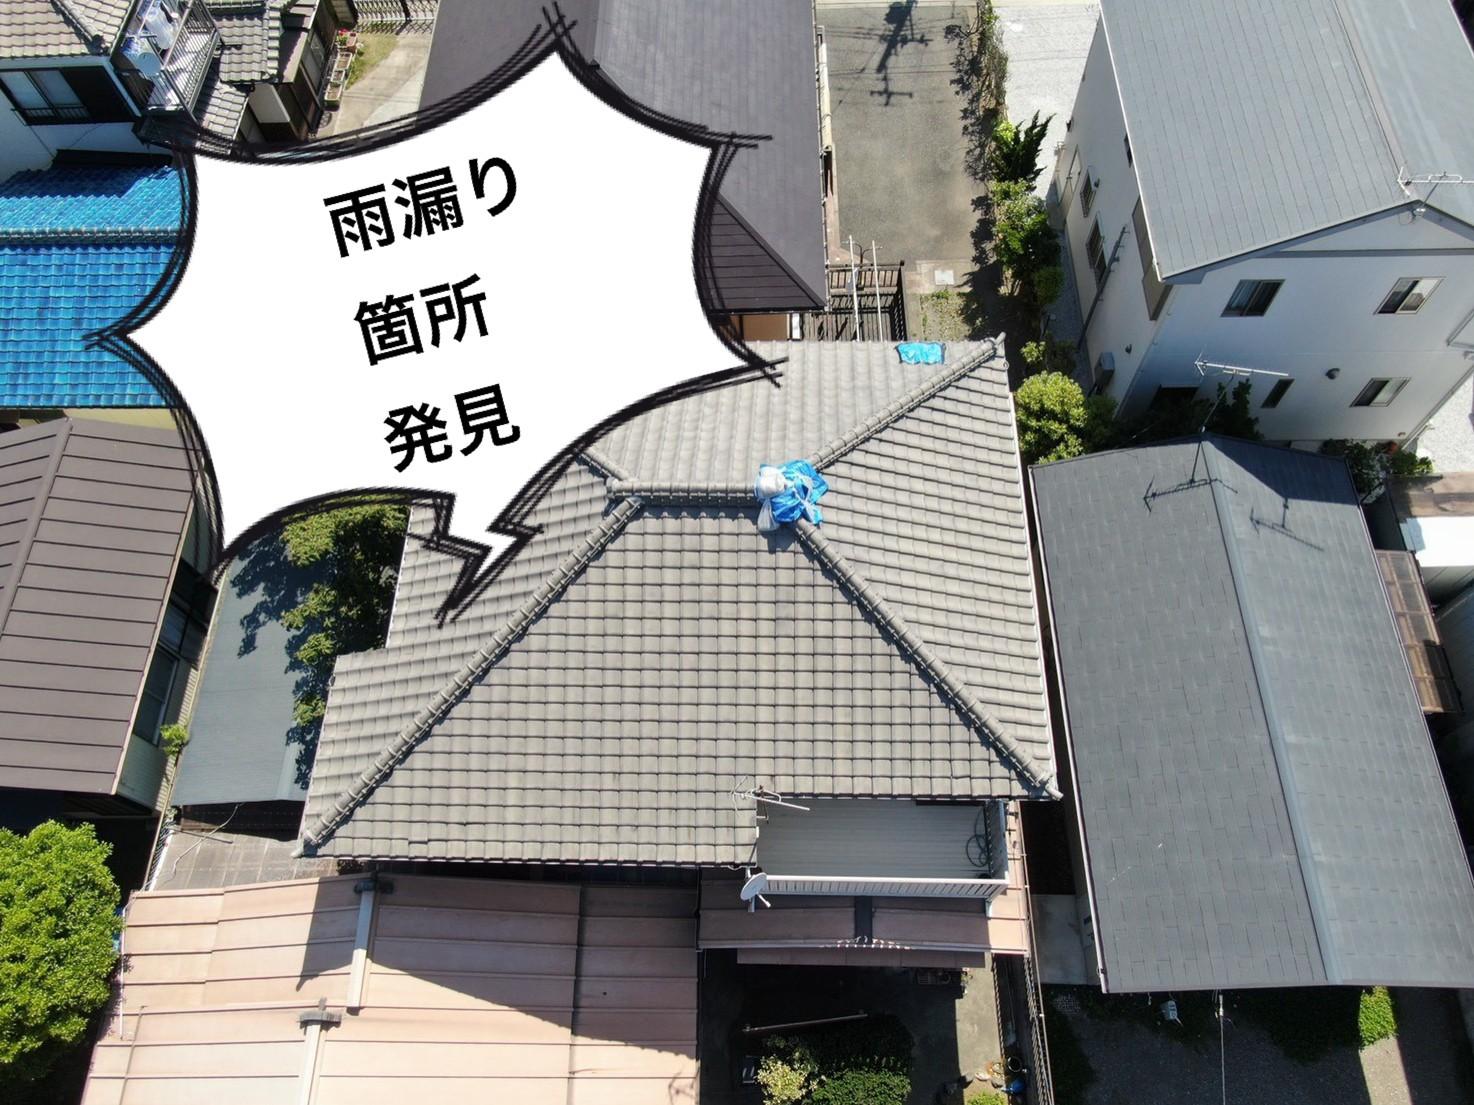 【ドローン調査】瓦屋根・漆喰の劣化☔雨漏り☔